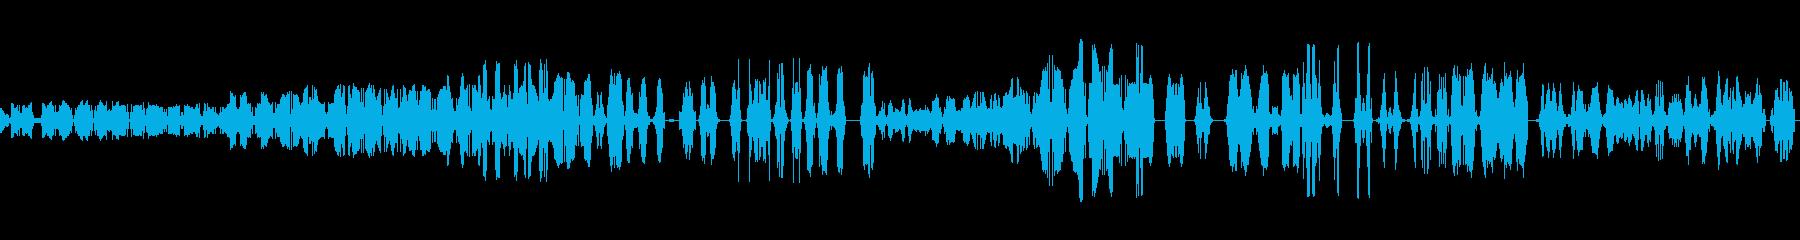 テープ巻き戻しの再生済みの波形